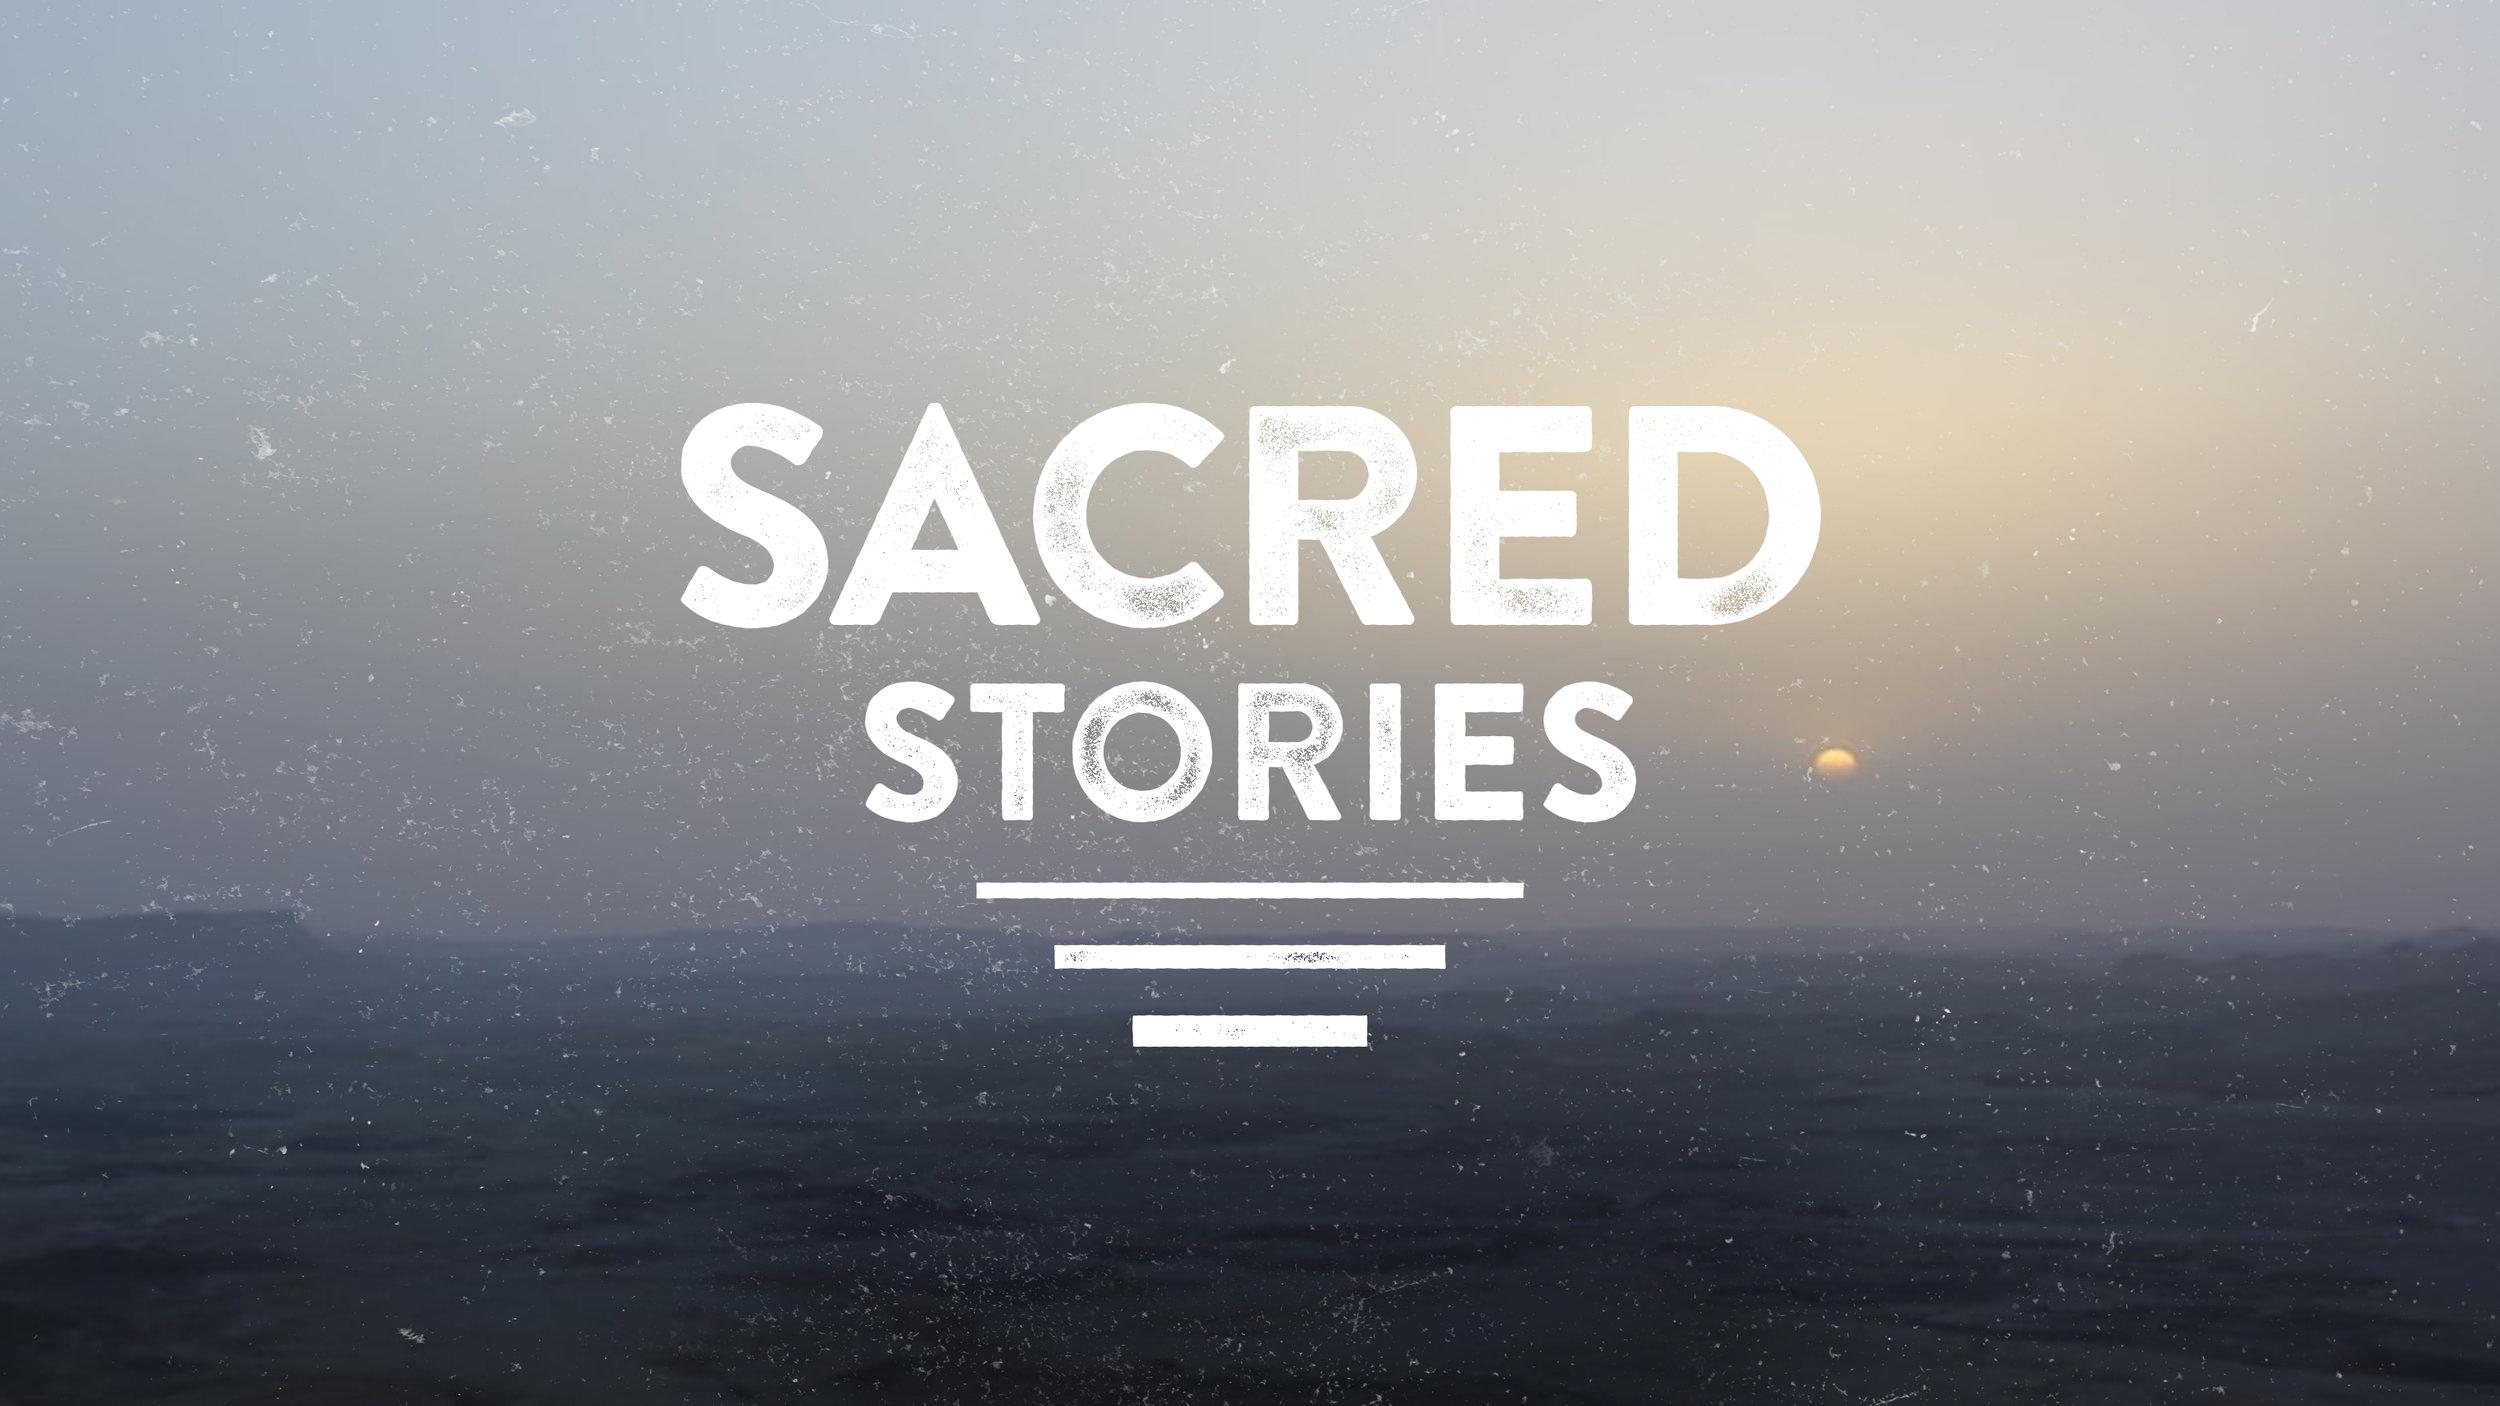 SacredStories-HD.jpg